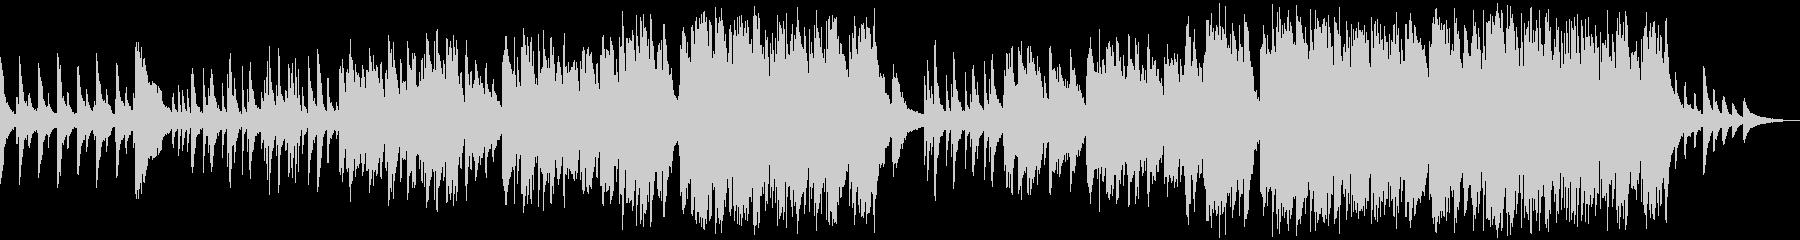 ピアノソロ ピアノバラードの未再生の波形